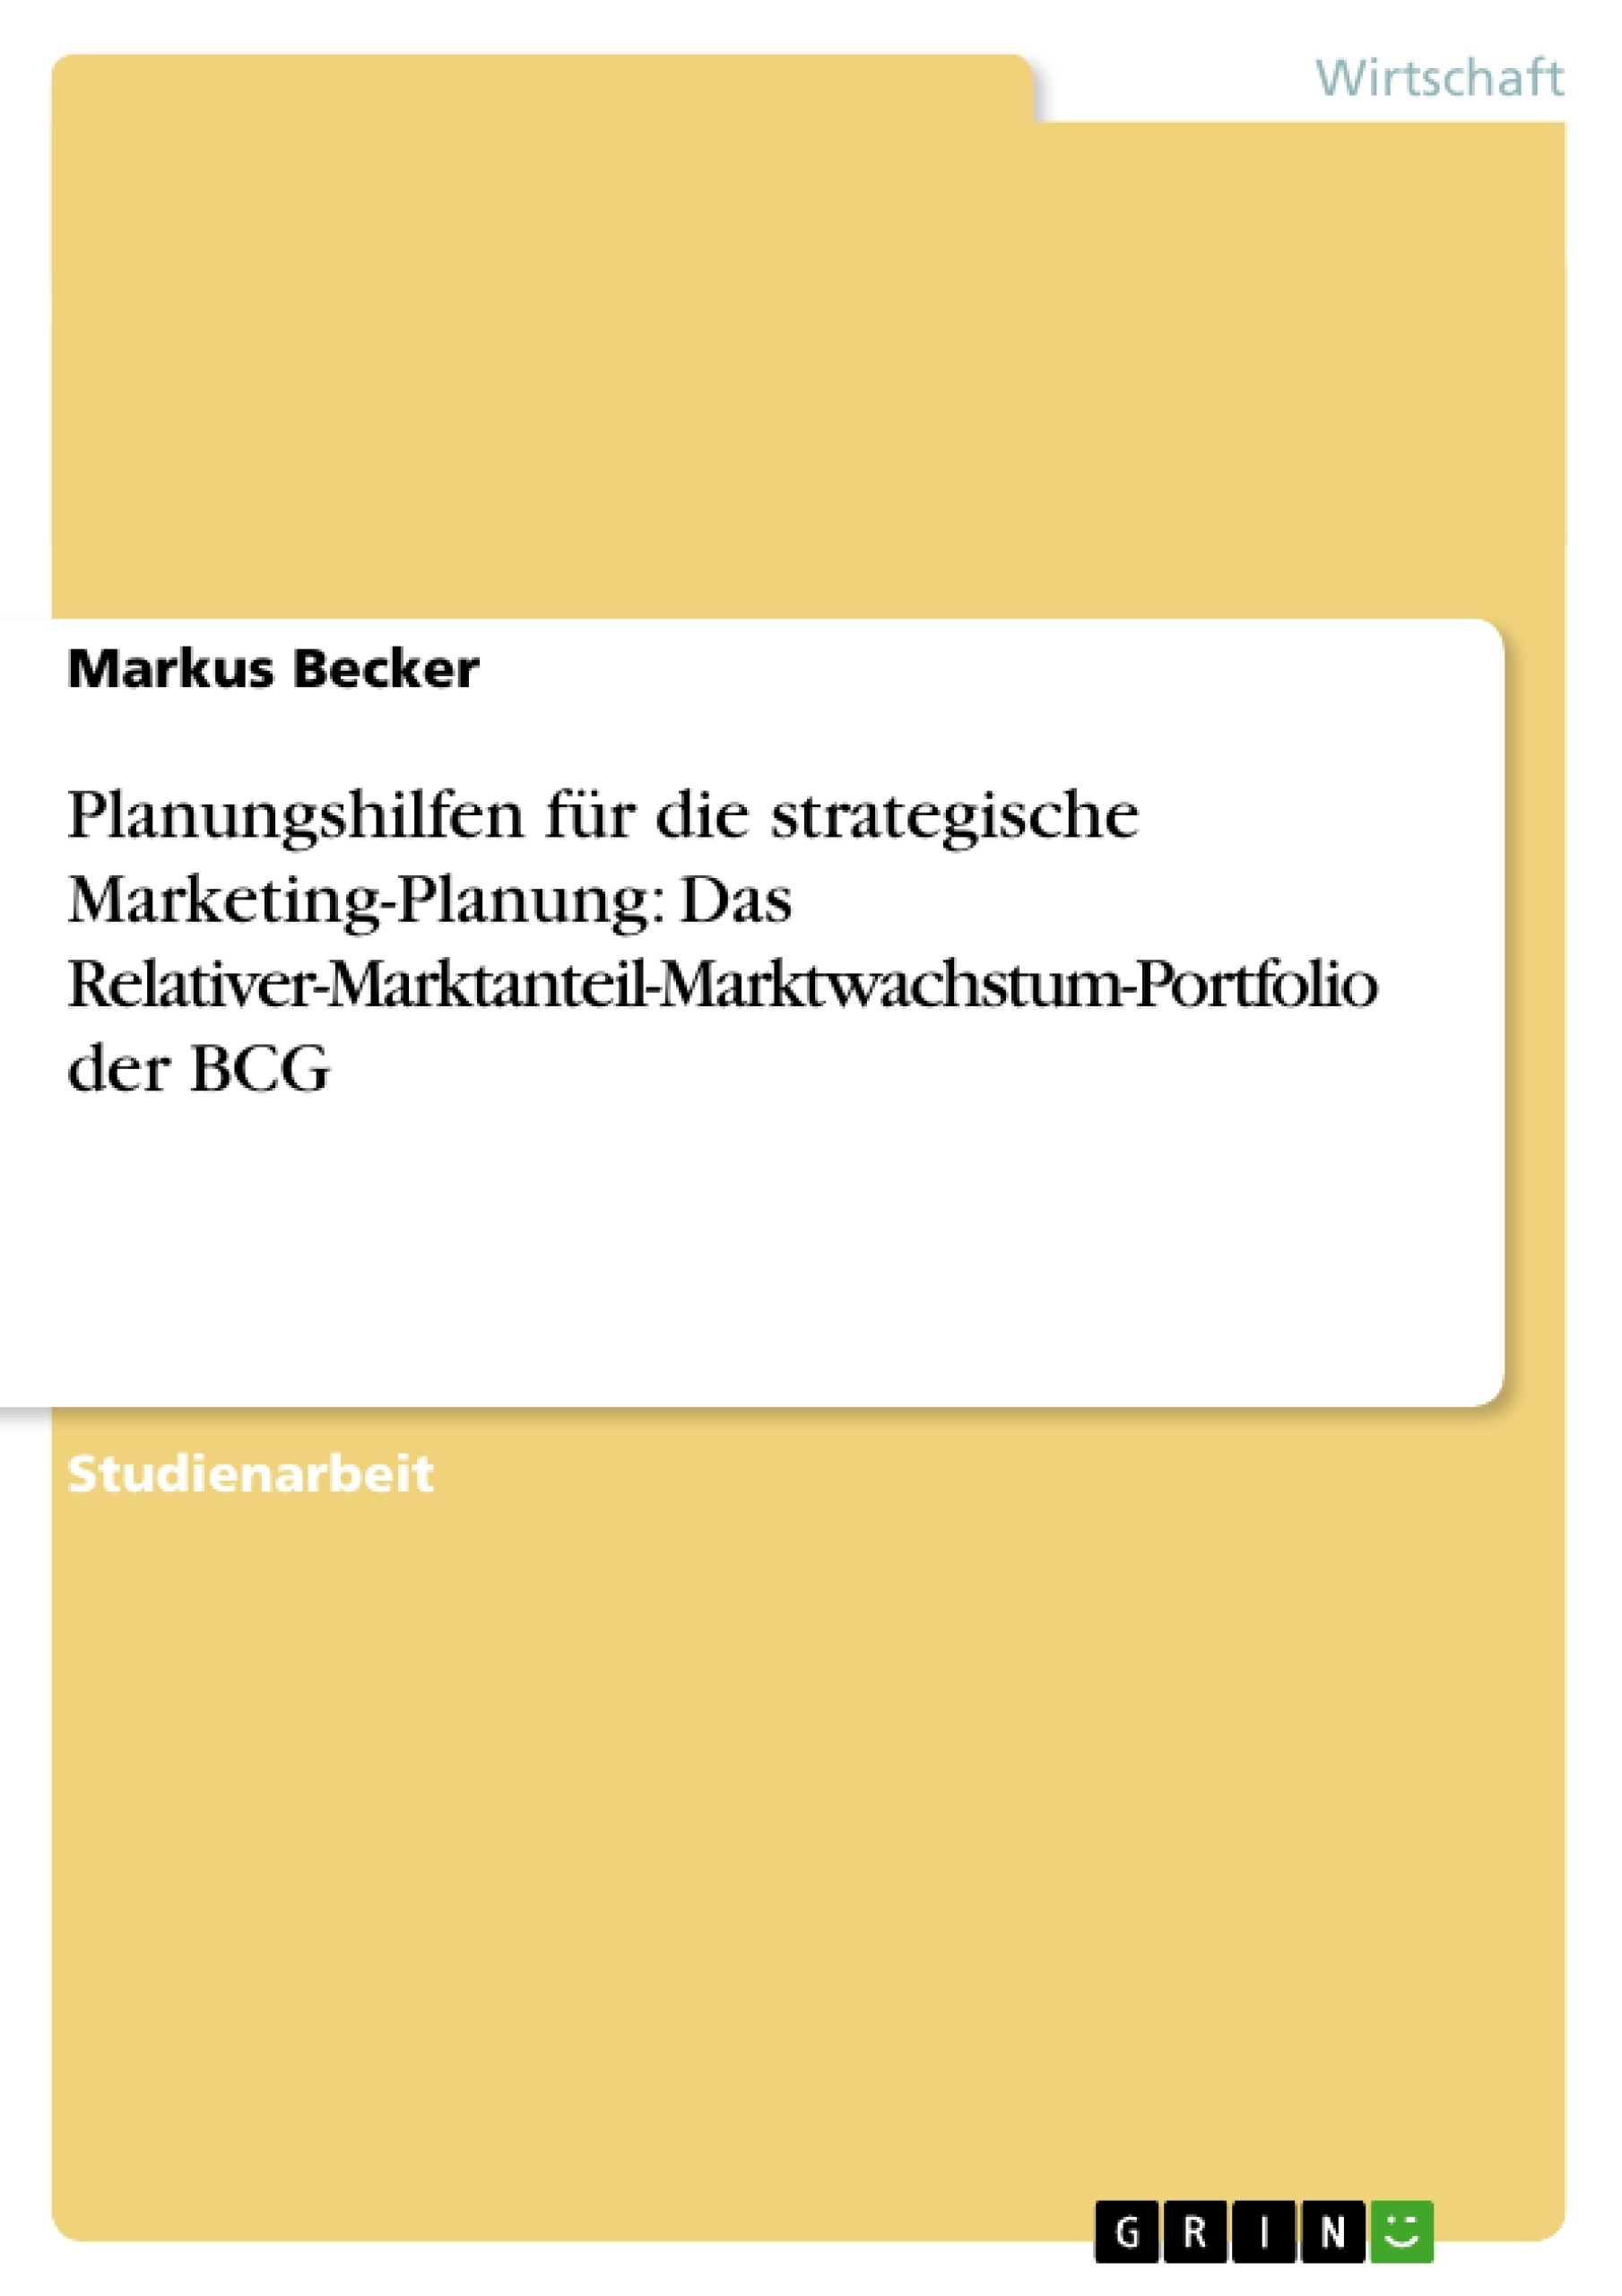 Titel: Planungshilfen für die strategische Marketing-Planung: Das Relativer-Marktanteil-Marktwachstum-Portfolio der BCG